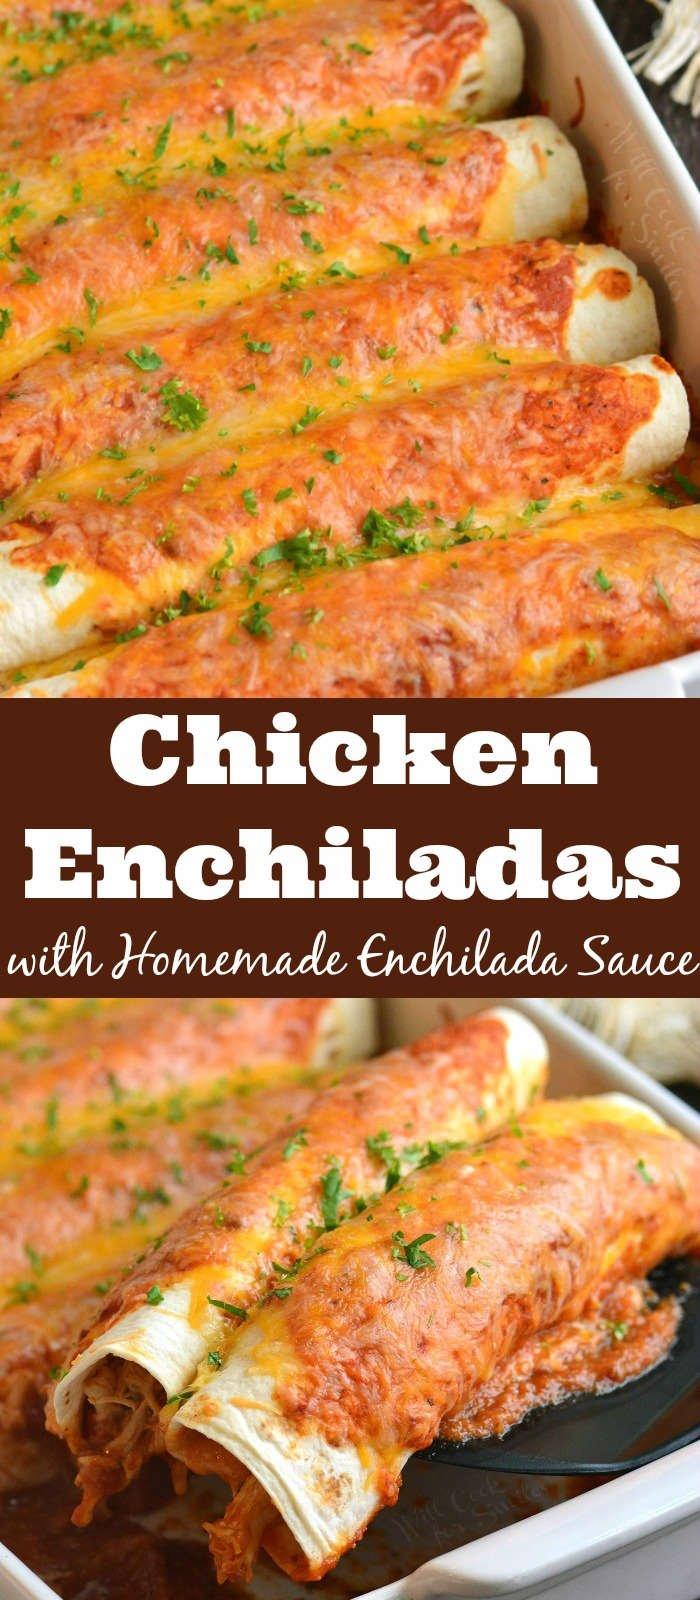 chicken enchiladas collage